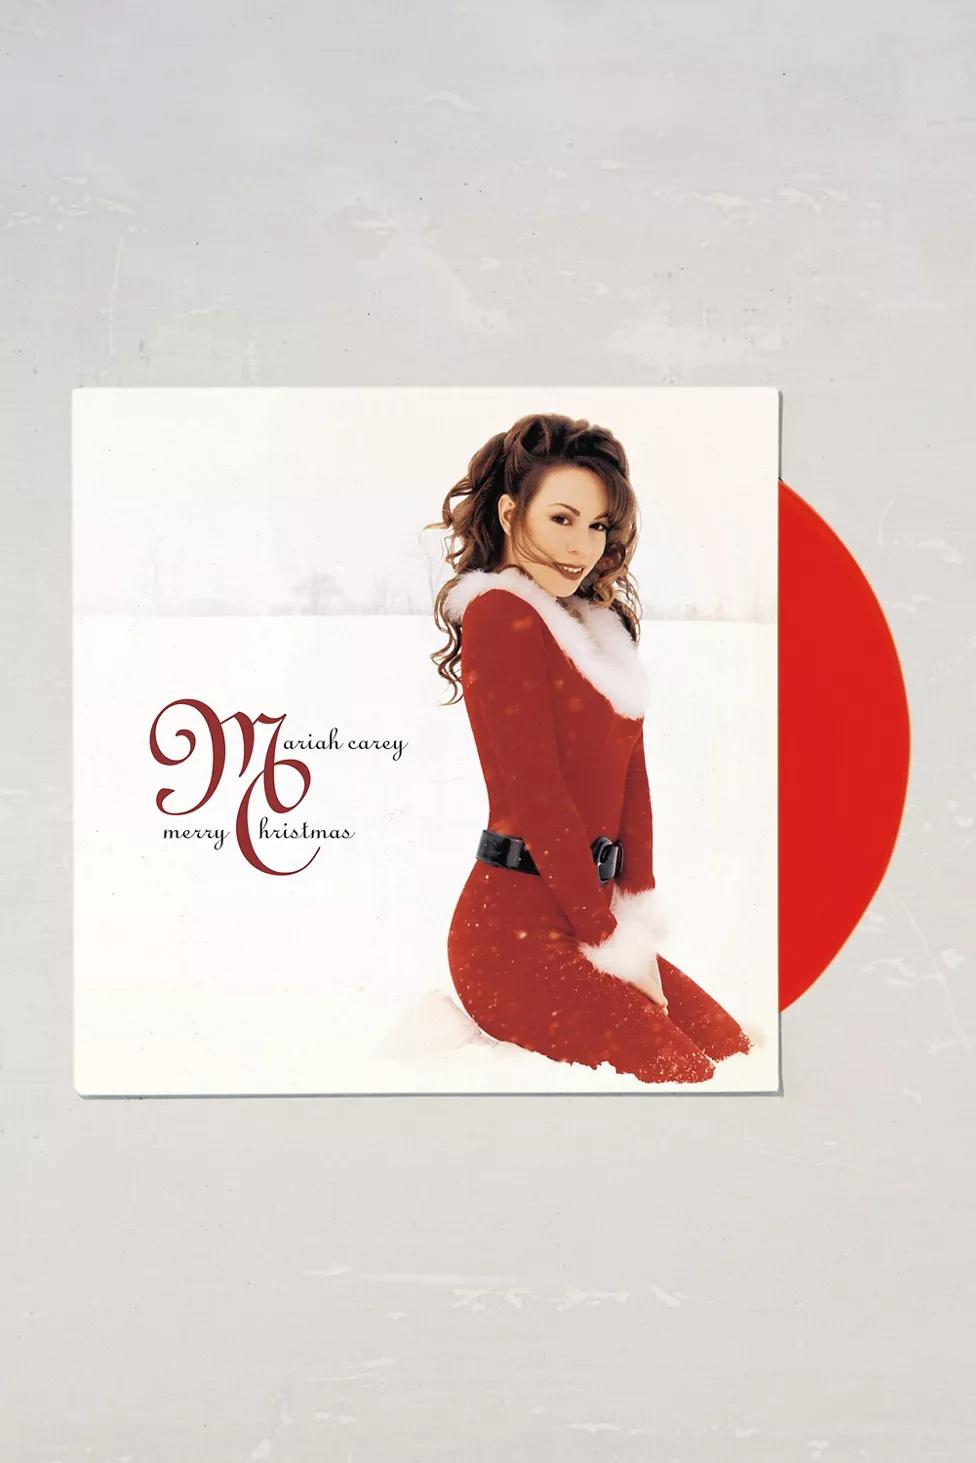 Mariah Carey Merry Christmas Lp In 2020 Mariah Carey Merry Christmas Best Christmas Music Christmas Music Playlist